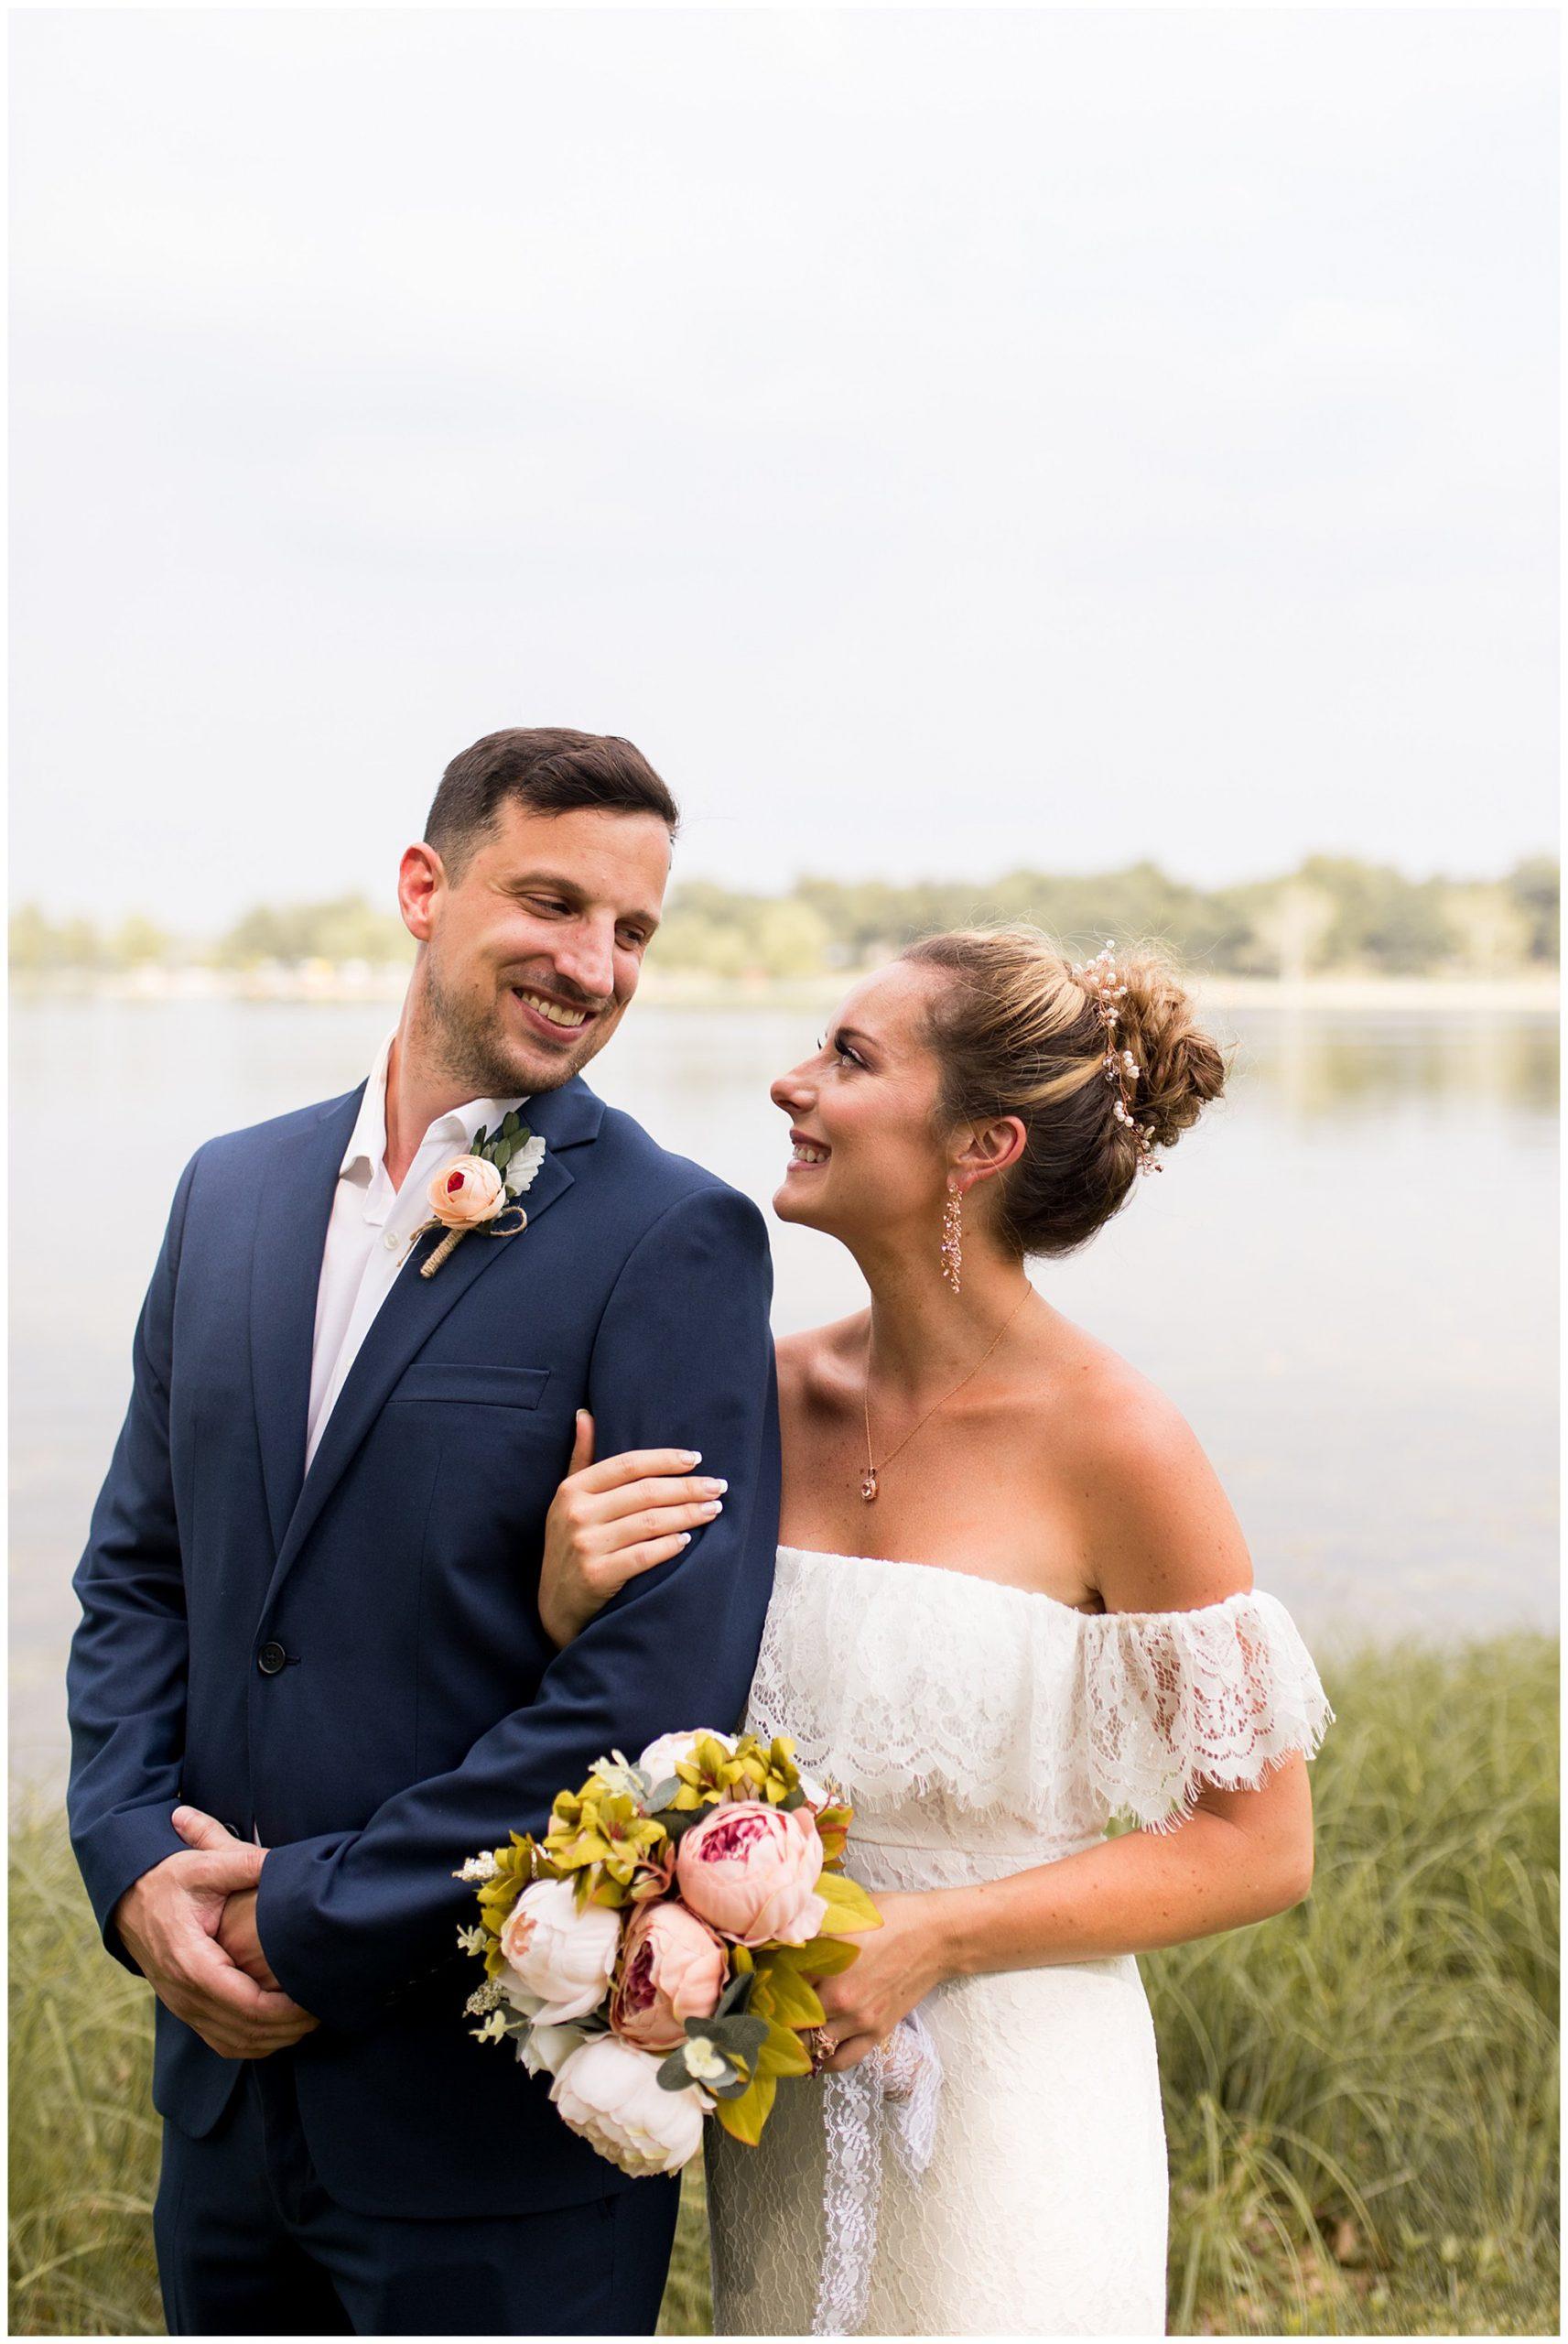 bride holds groom after wedding ceremony at Lucerne Park in Warsaw Indiana